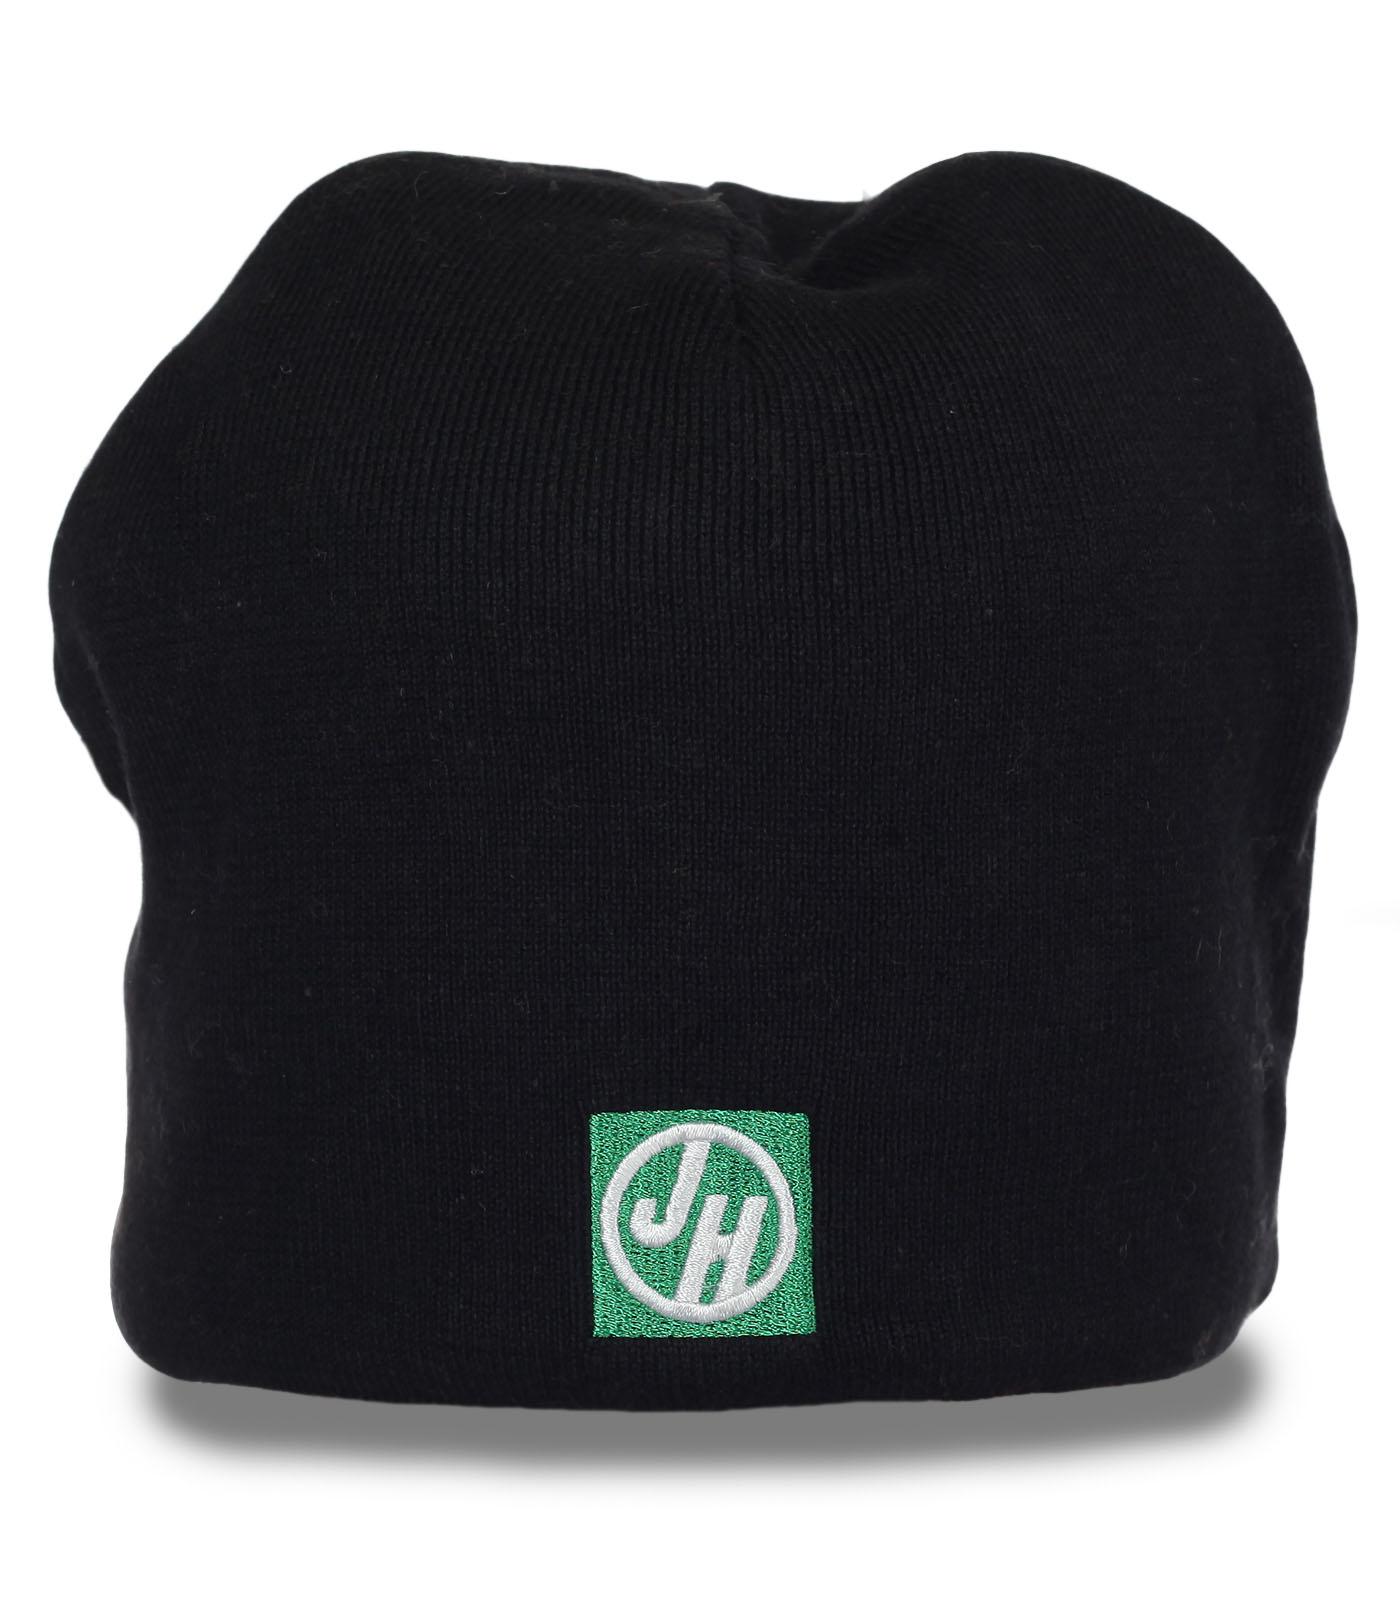 Флисовая мужская шапка JH. Теплая модель для холодной погоды. 100% согреет!